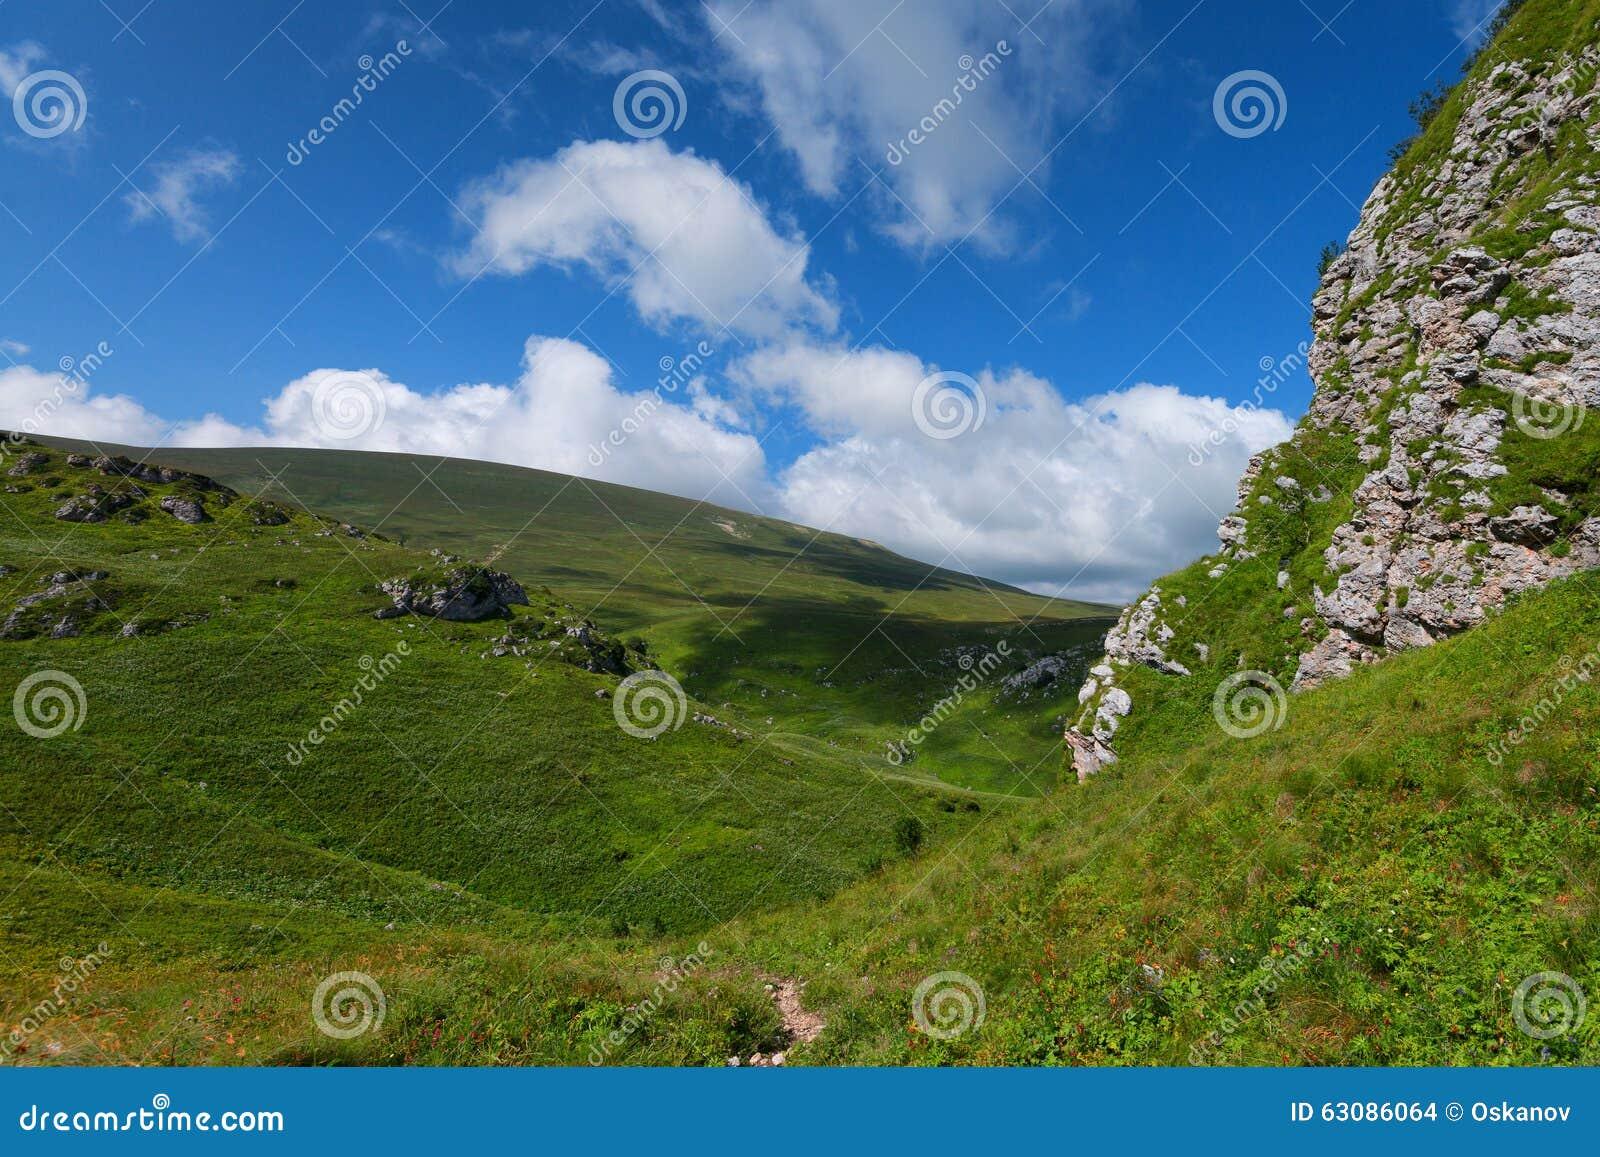 Download Pré de montagne photo stock. Image du lumineux, côte - 63086064